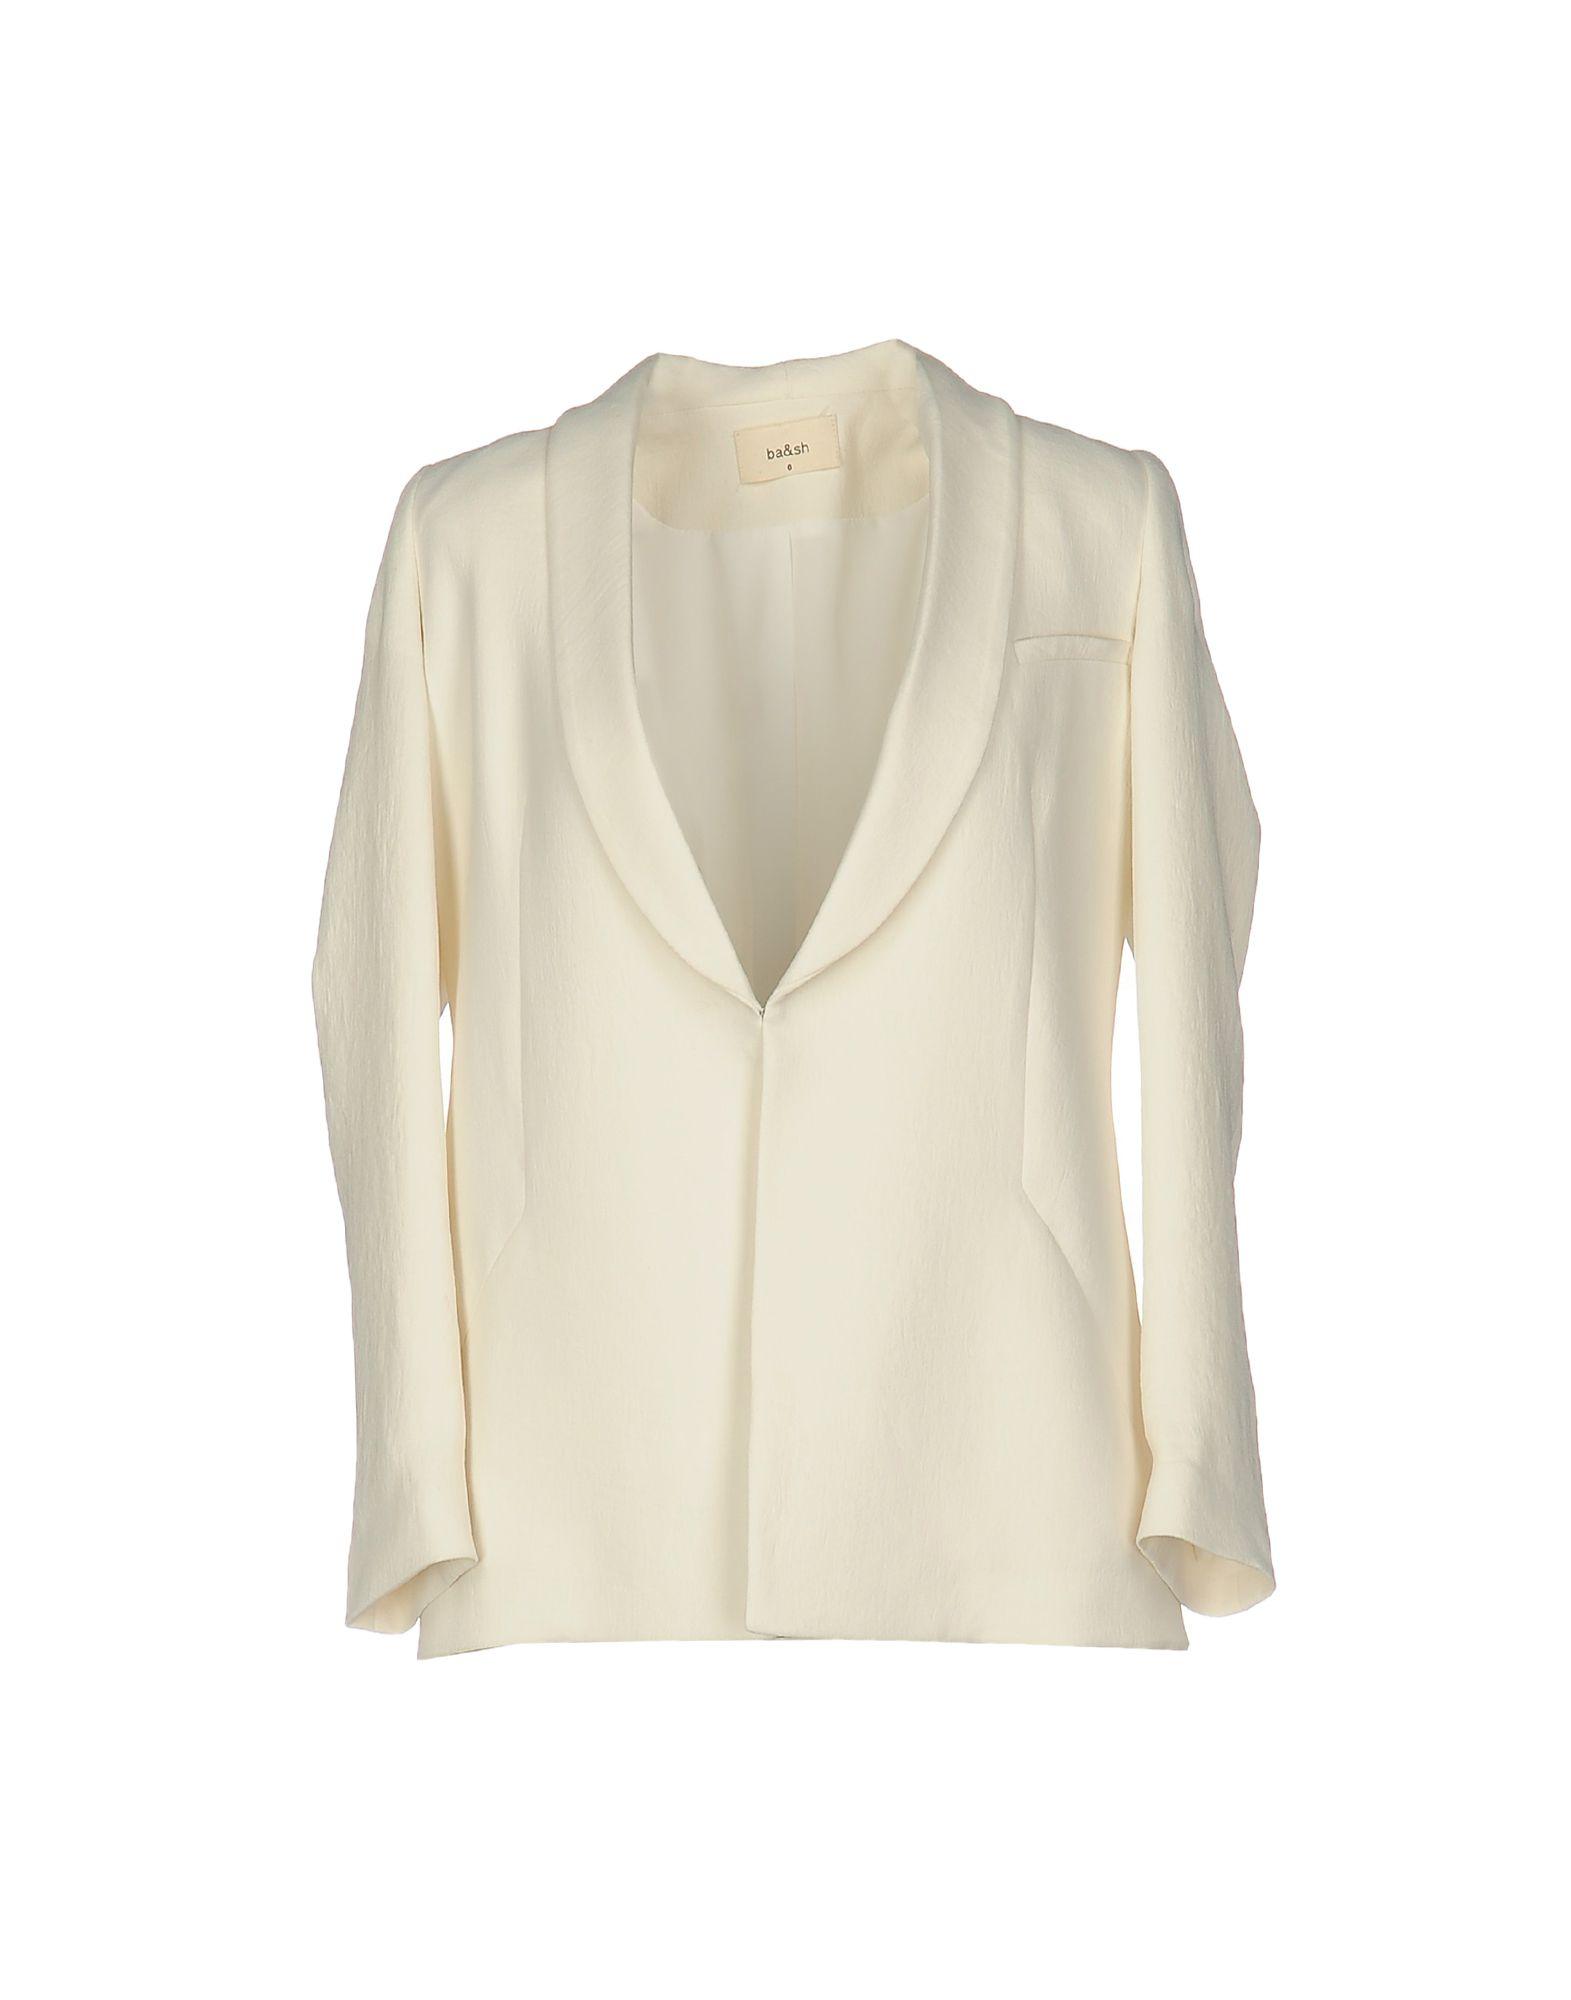 BA&SH Damen Jackett Farbe Elfenbein Größe 1 jetztbilligerkaufen